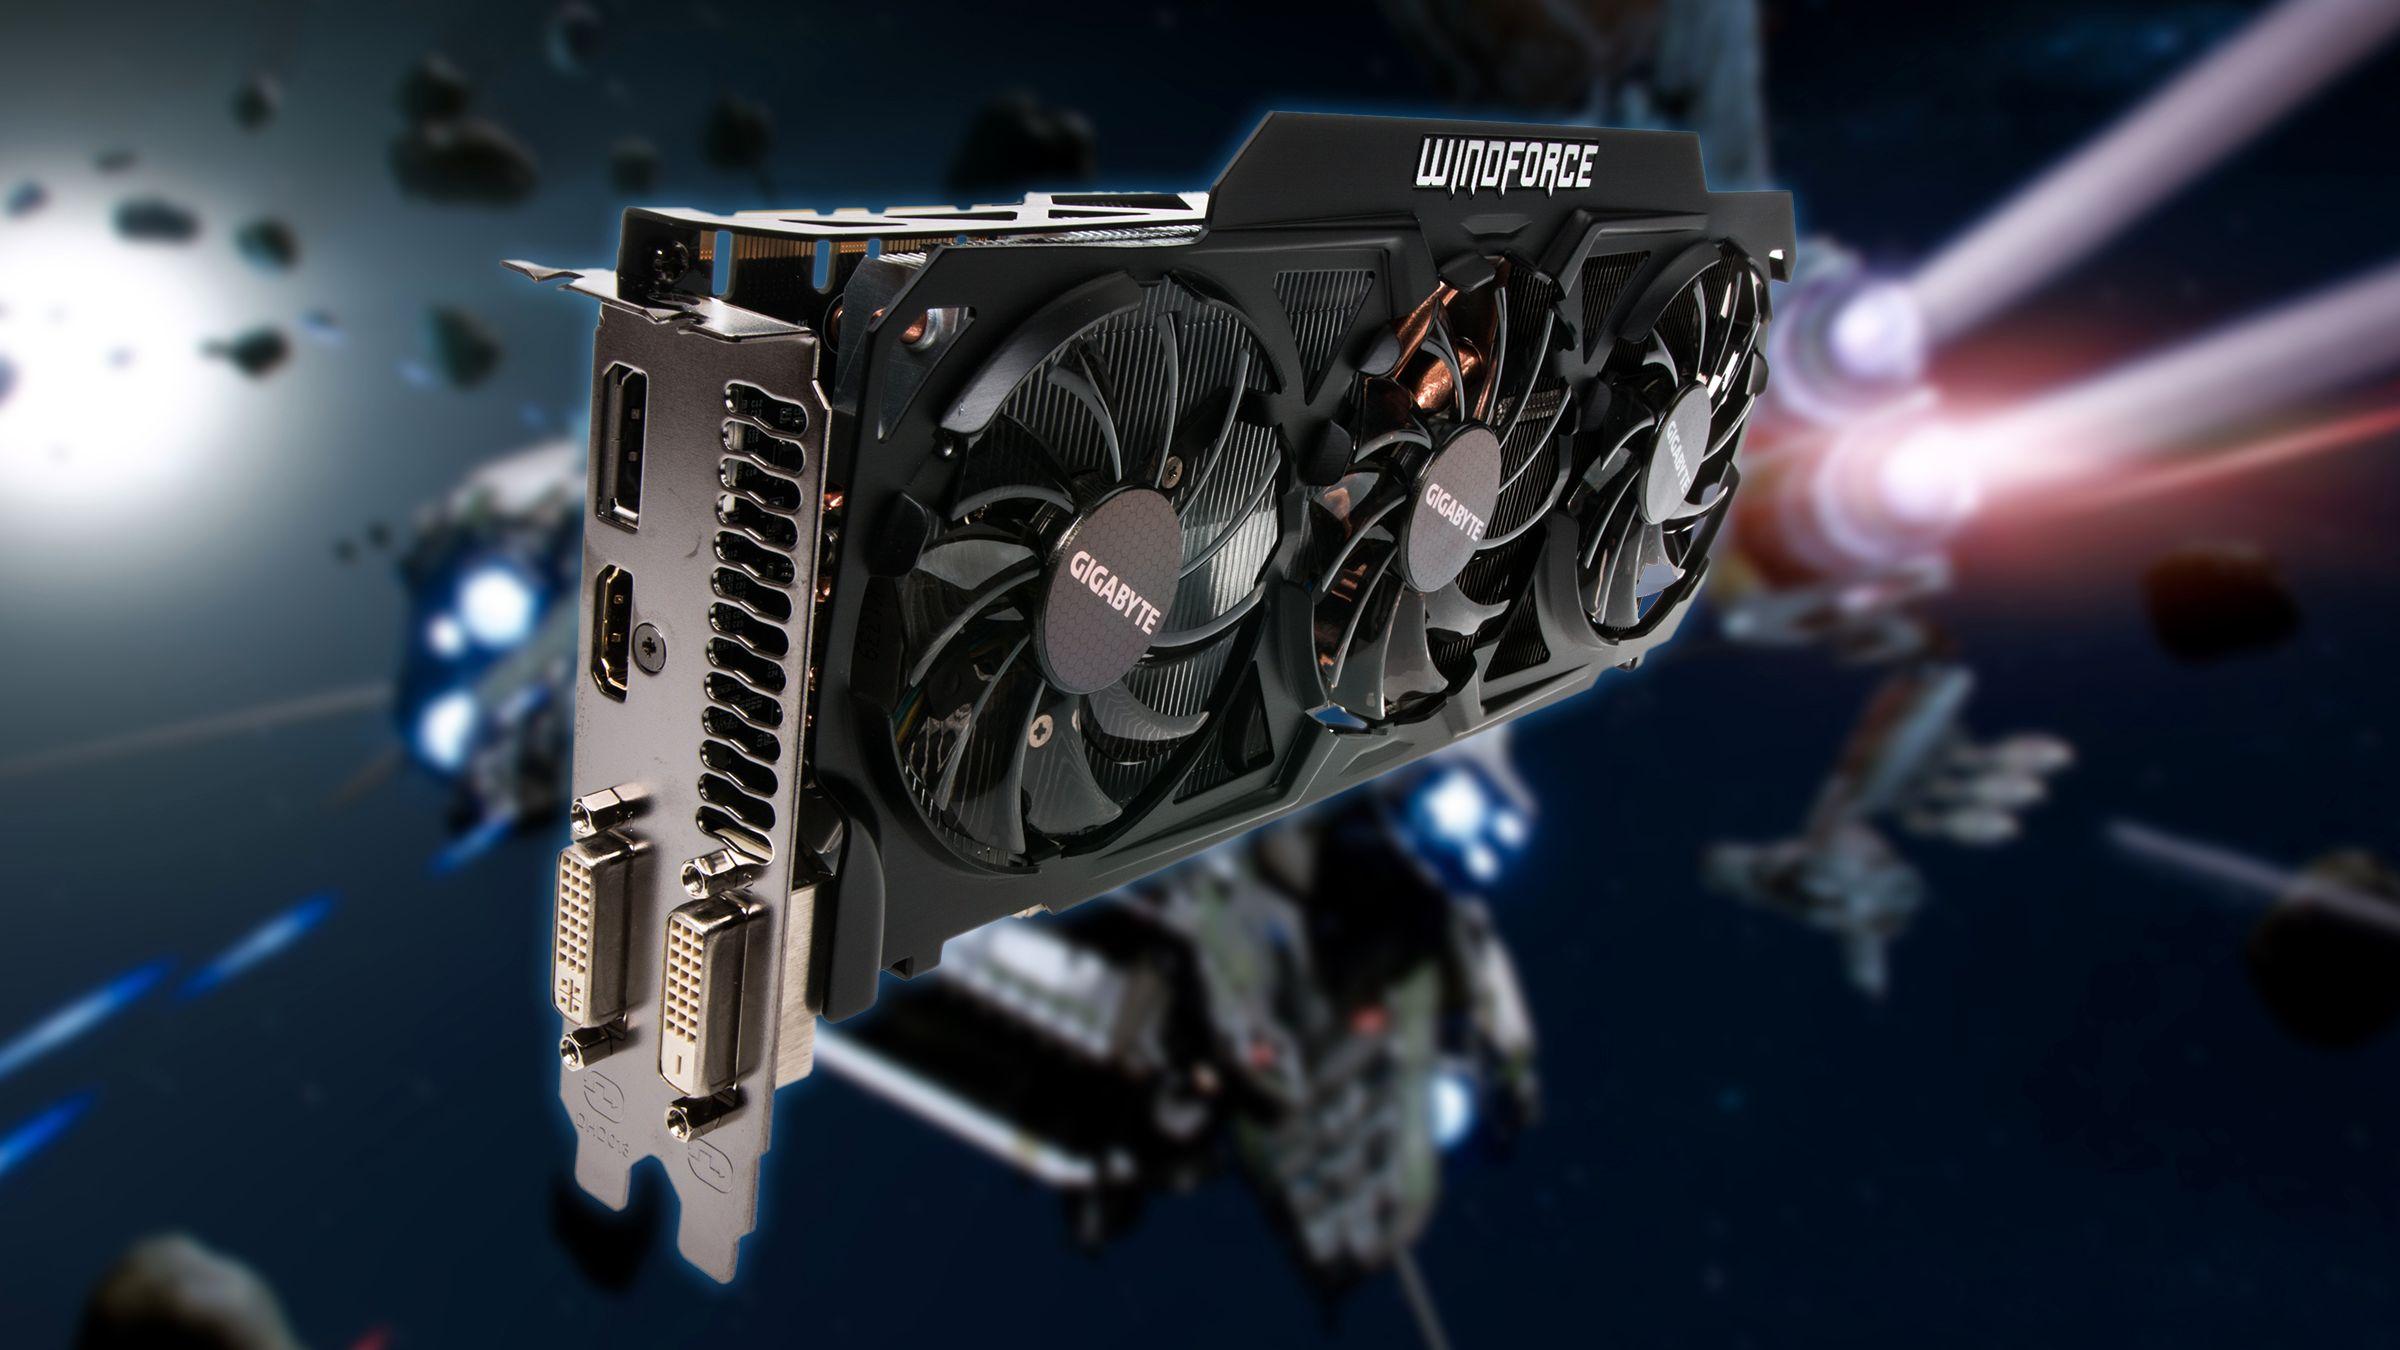 Gigabyte GeForce GTX 780 GHz Edition